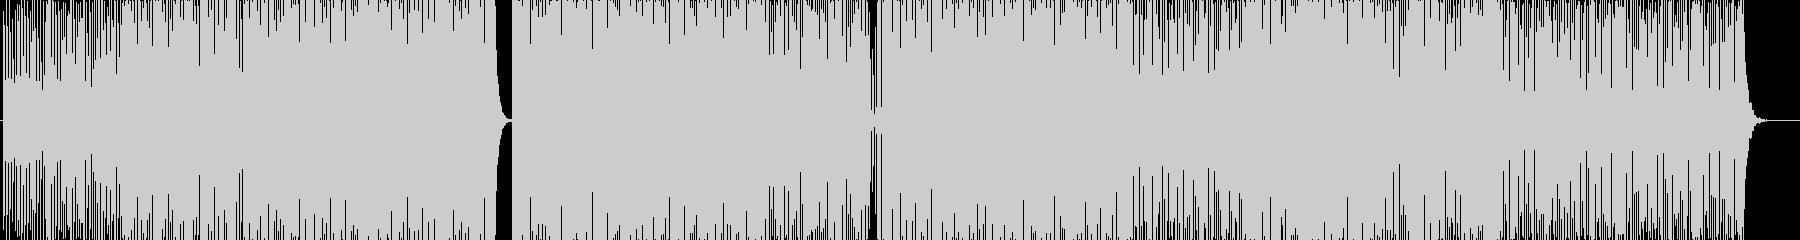 ハウス-EDM-アクティビティGoProの未再生の波形